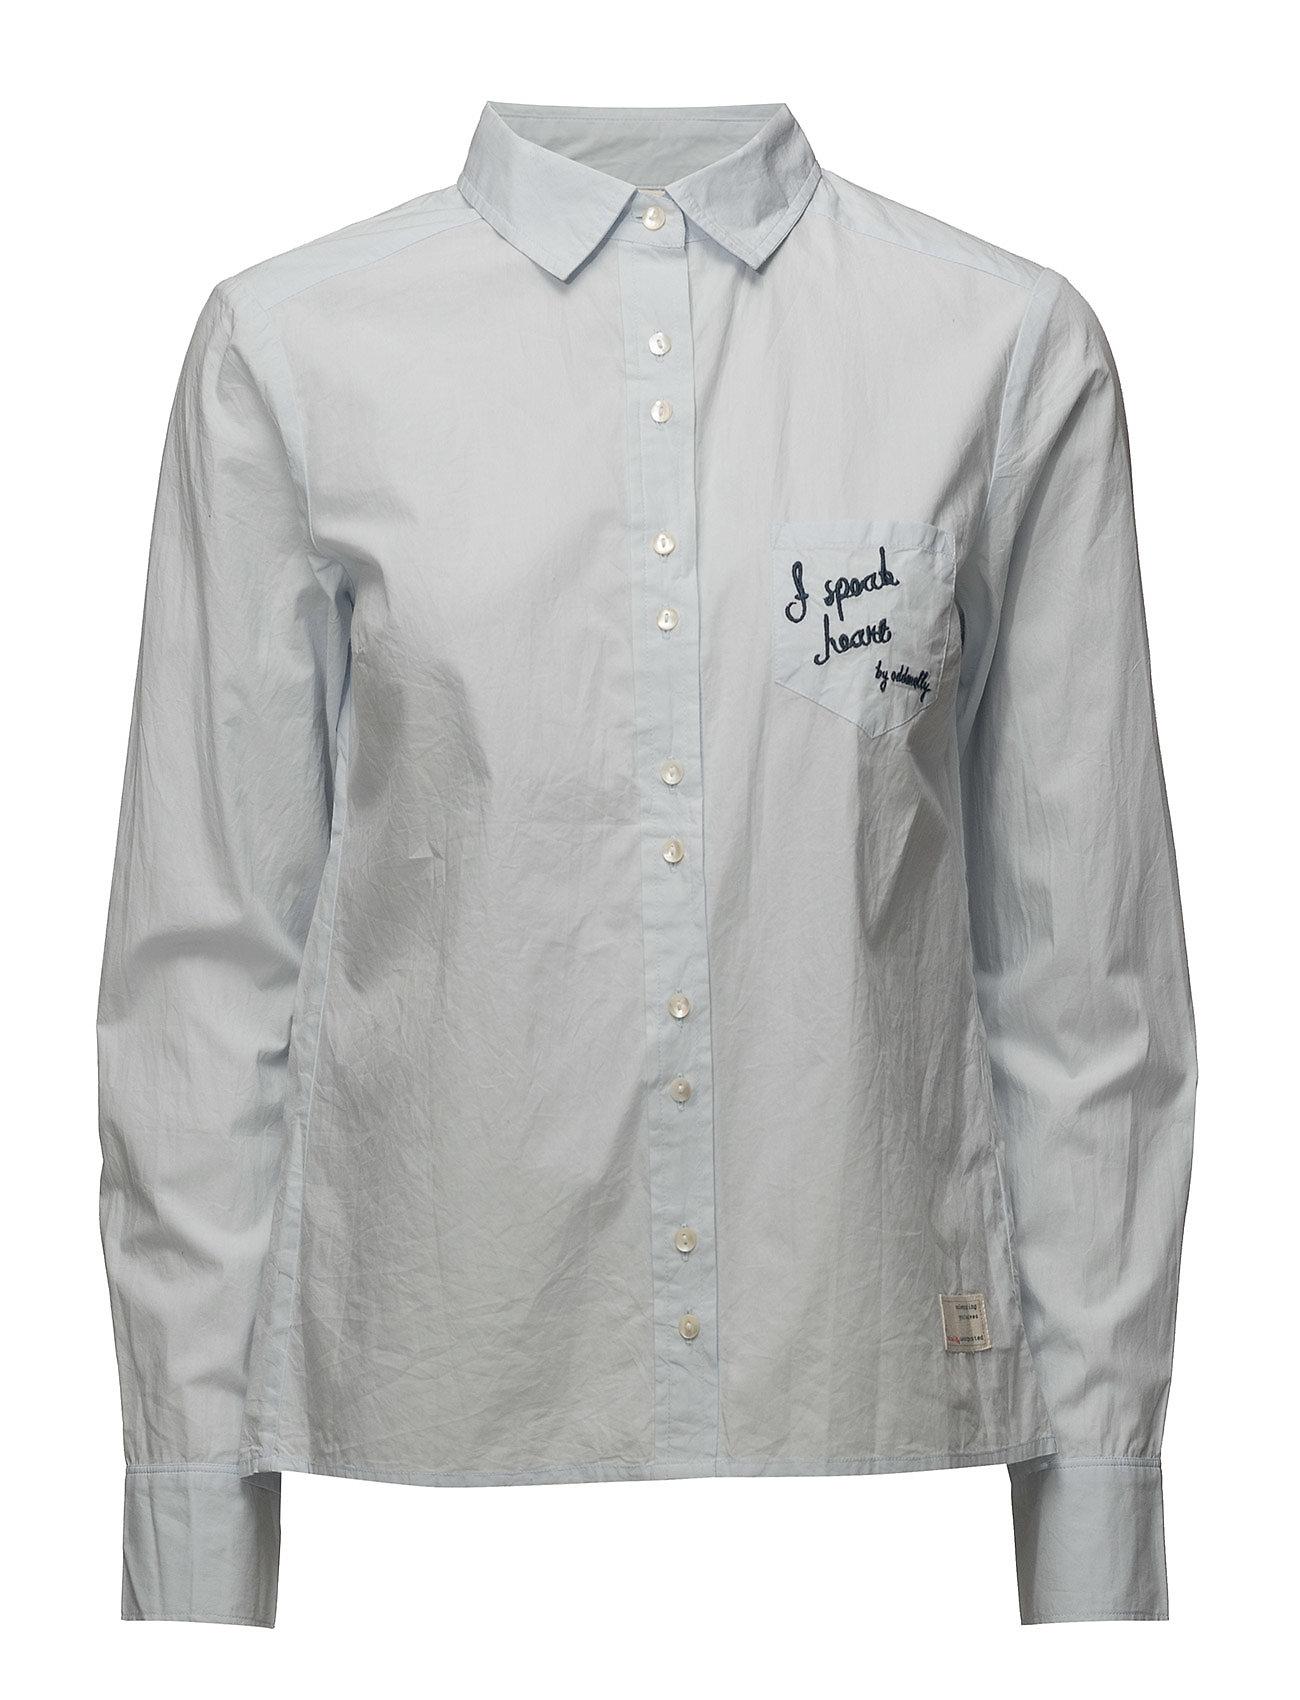 Image of Amusing Shirt (2869184979)